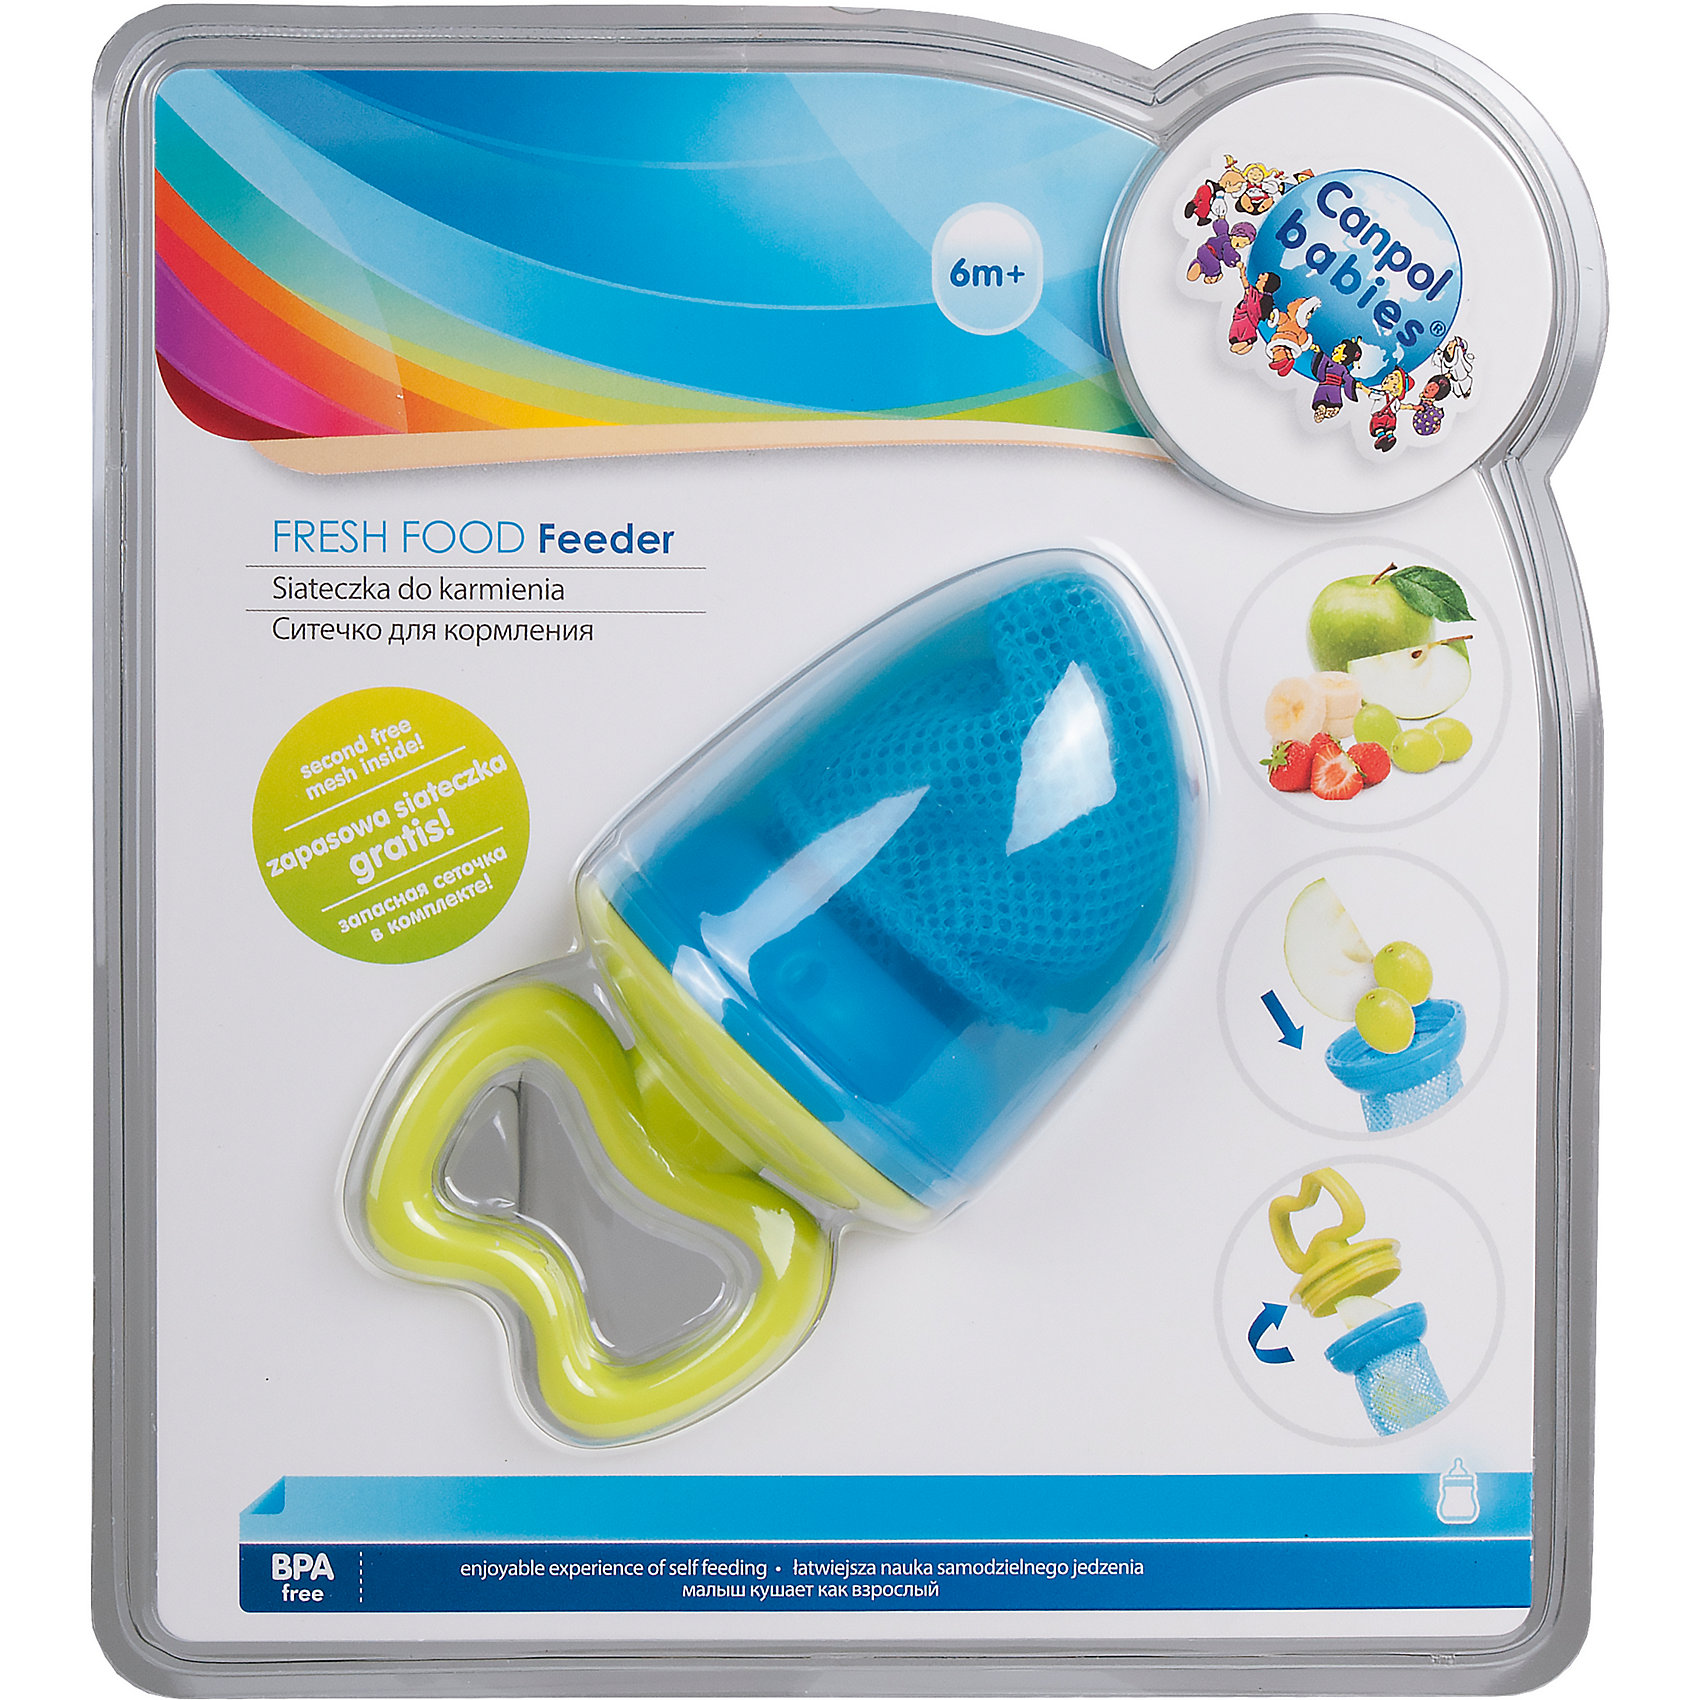 Ситечко для кормления 6+, Canpol Babies, синийСитечко для кормления 6+, Canpol Babies (КАНПОЛ БЕБИ), синий.<br><br>Характеристики:<br>• ручка удобна для ребенка<br>• есть защитный колпачок<br>• изготовлено из безопасных гипоаллергенных материалов<br>• материал: пластик, прочный текстиль<br>• размер упаковки: 21,5х17х7,5 см<br>• вес: 100 грамм<br>• цвет: синий<br><br>Ситечко Canpol Babies предназначено для малышей от 5 месяцев до года. С его помощью ребенок сможет плавно перейти от жидкой пищи к твердой. Положите фрукты, овощи или печенье в сеточку, закрепите ее - еда готова. Малыш сможет получить все полезные элементы из продуктов, не боясь подавиться. Удобная ручка позволит ребенку пользоваться ситечком самостоятельно. Яркий дизайн и удобная форма, несомненно, понравятся вашей крохе!<br><br>Ситечко для кормления 6+, Canpol Babies (КАНПОЛ БЕБИ), синий можно купить в нашем интернет-магазине.<br><br>Ширина мм: 170<br>Глубина мм: 75<br>Высота мм: 215<br>Вес г: 370<br>Возраст от месяцев: 6<br>Возраст до месяцев: 36<br>Пол: Мужской<br>Возраст: Детский<br>SKU: 5156689